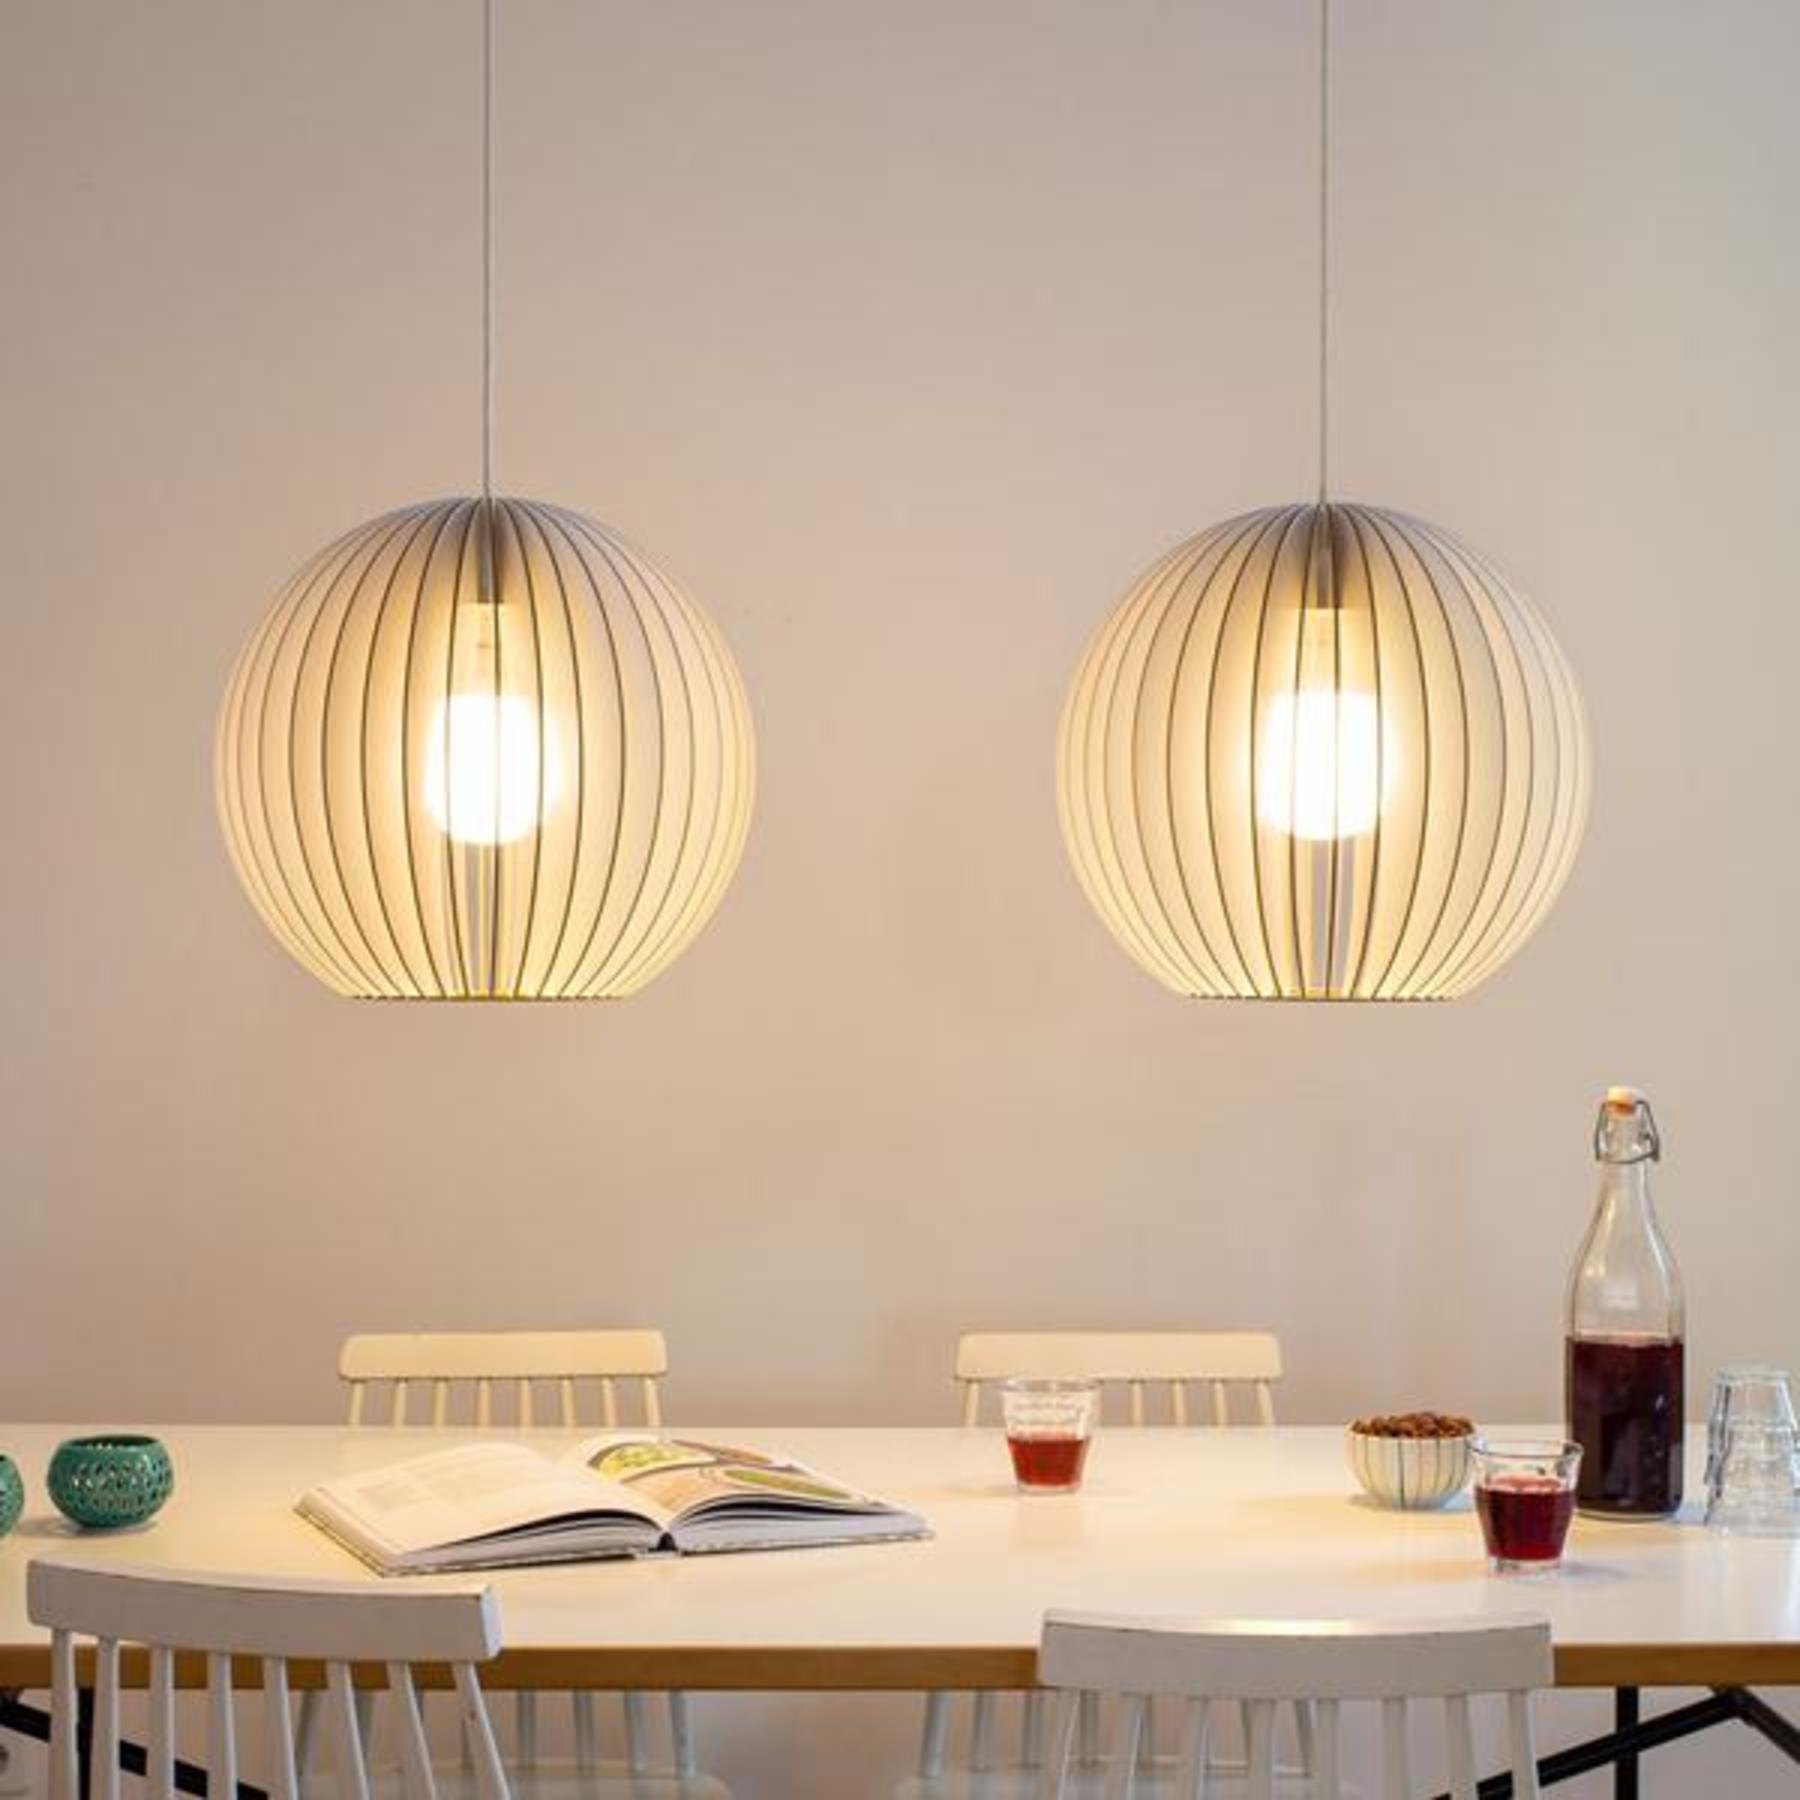 Skandinavische Lampen Design Skandinavische Lampen Hause